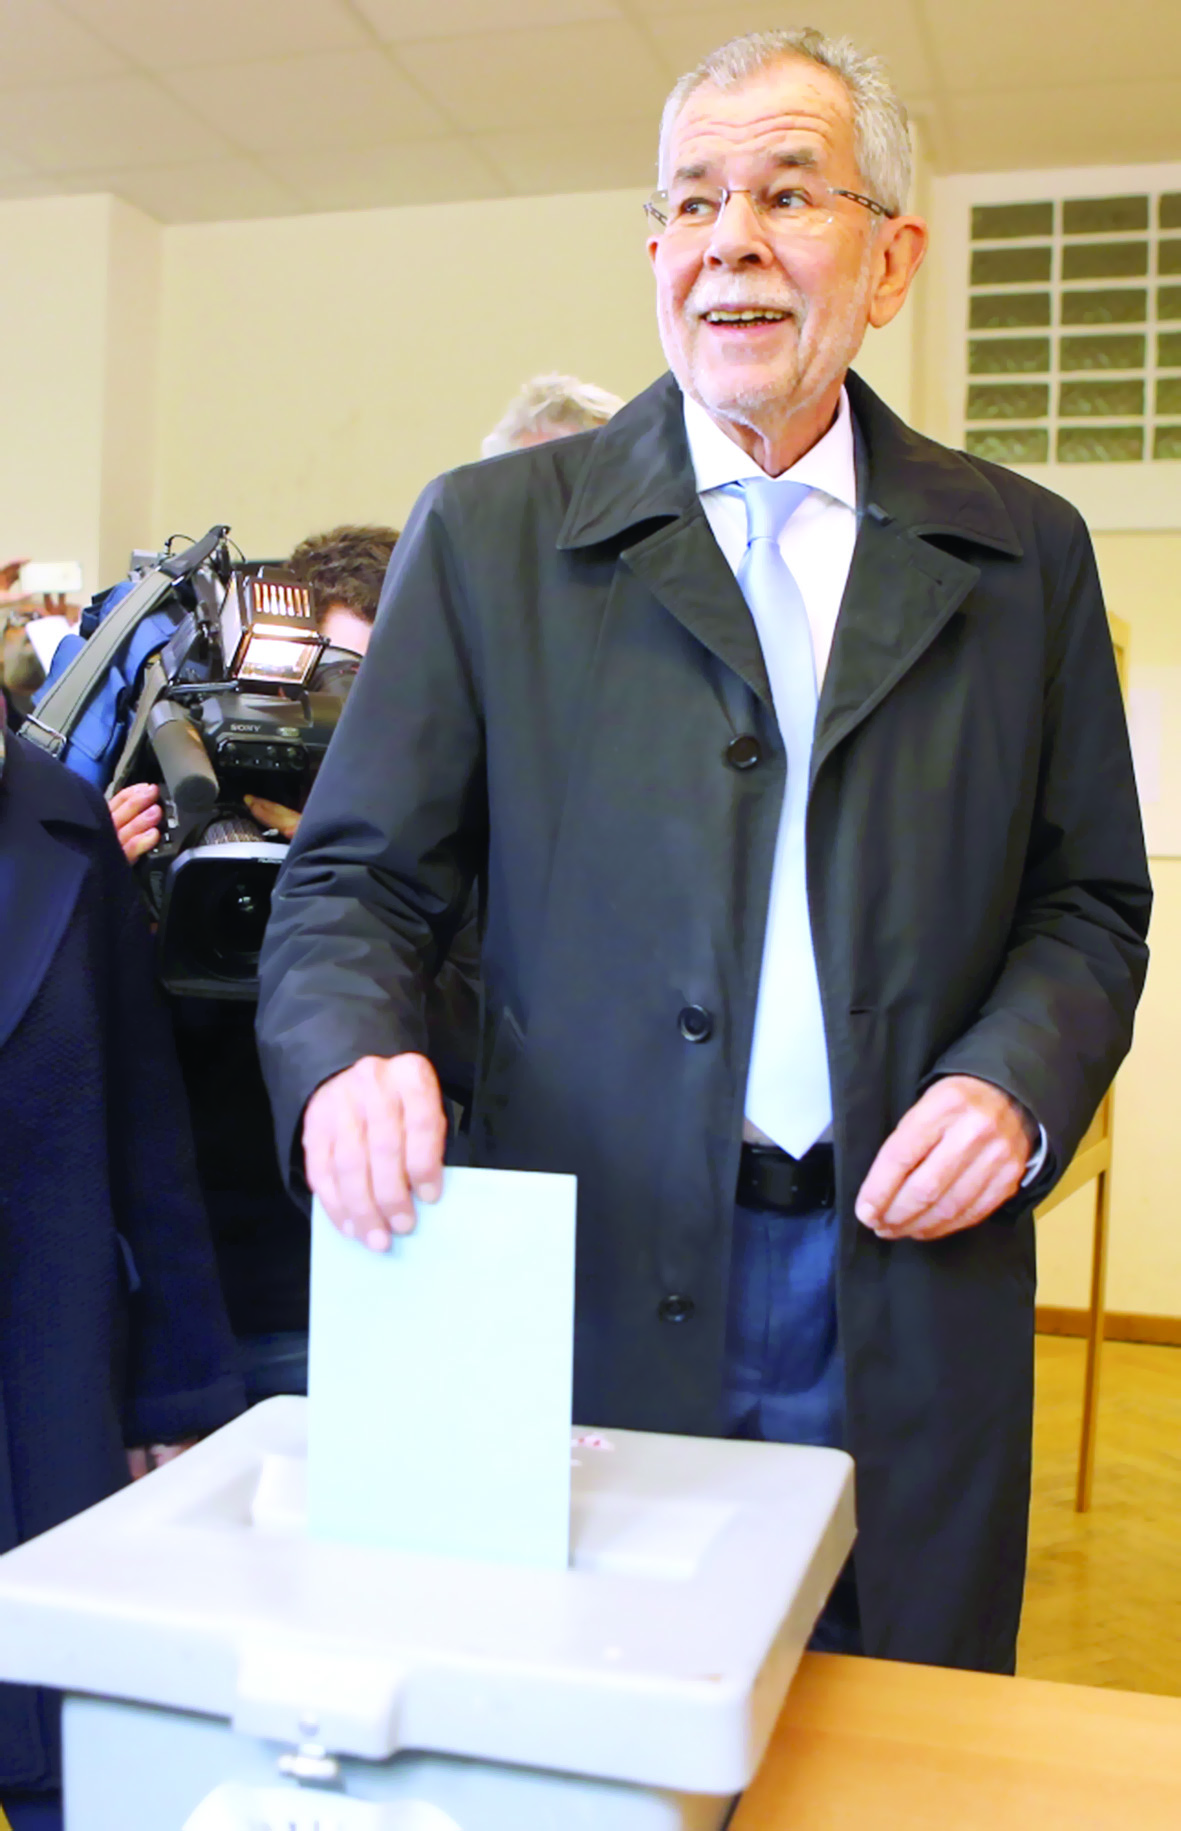 ناخبو النمسا يدلون بأصواتهم في انتخابات رئاسية فاصلة